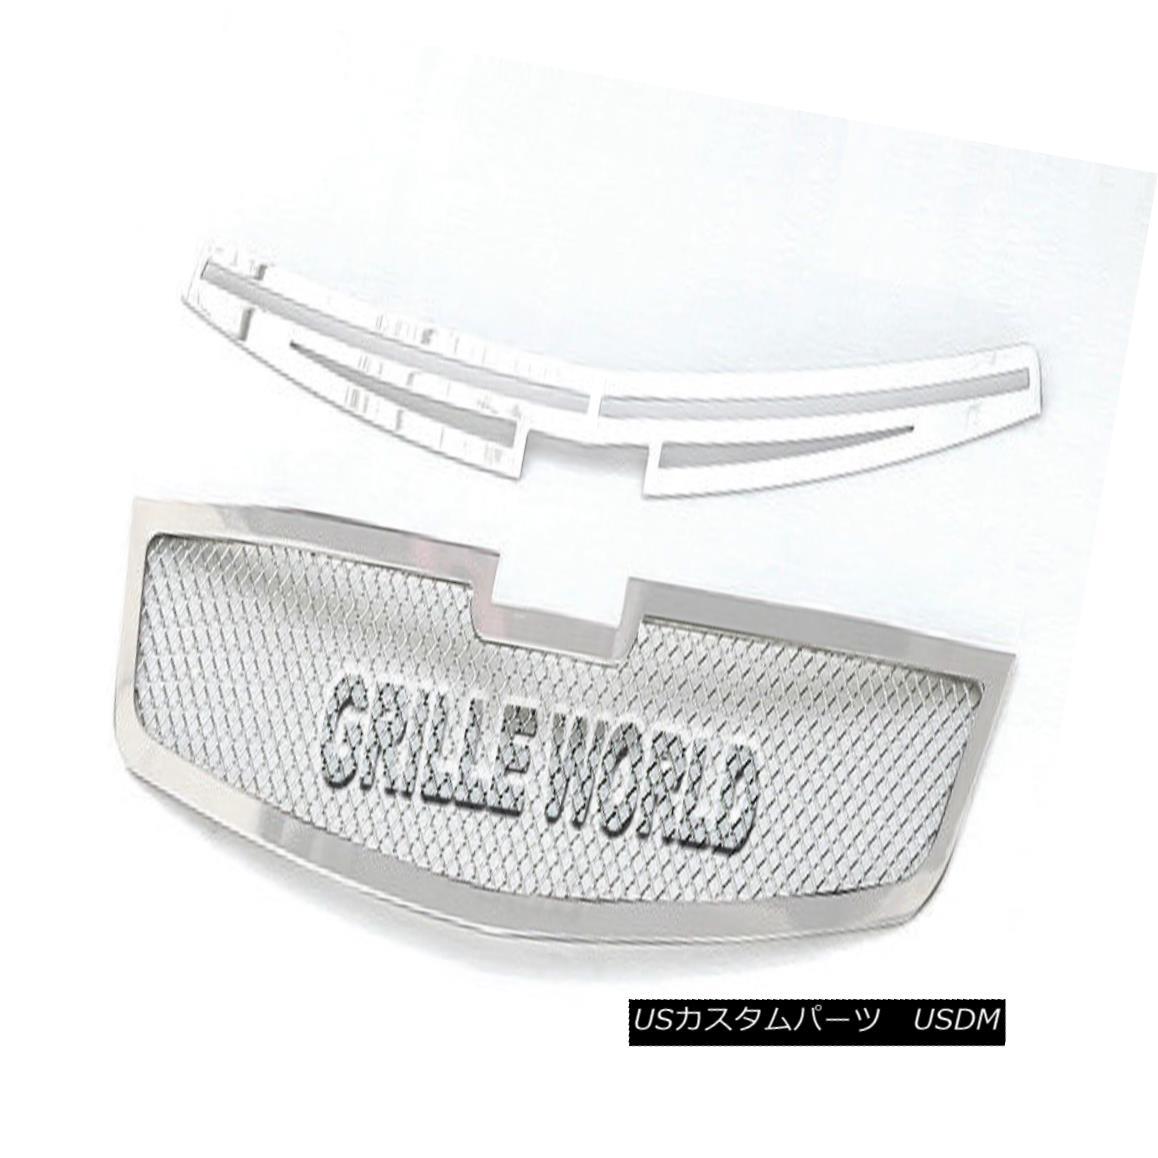 グリル Customized For 2011-2014 Chevy Cruze Mesh Premium Grille Insert 2011-2014シボレークルーズメッシュプレミアムグリルインサート用にカスタマイズ